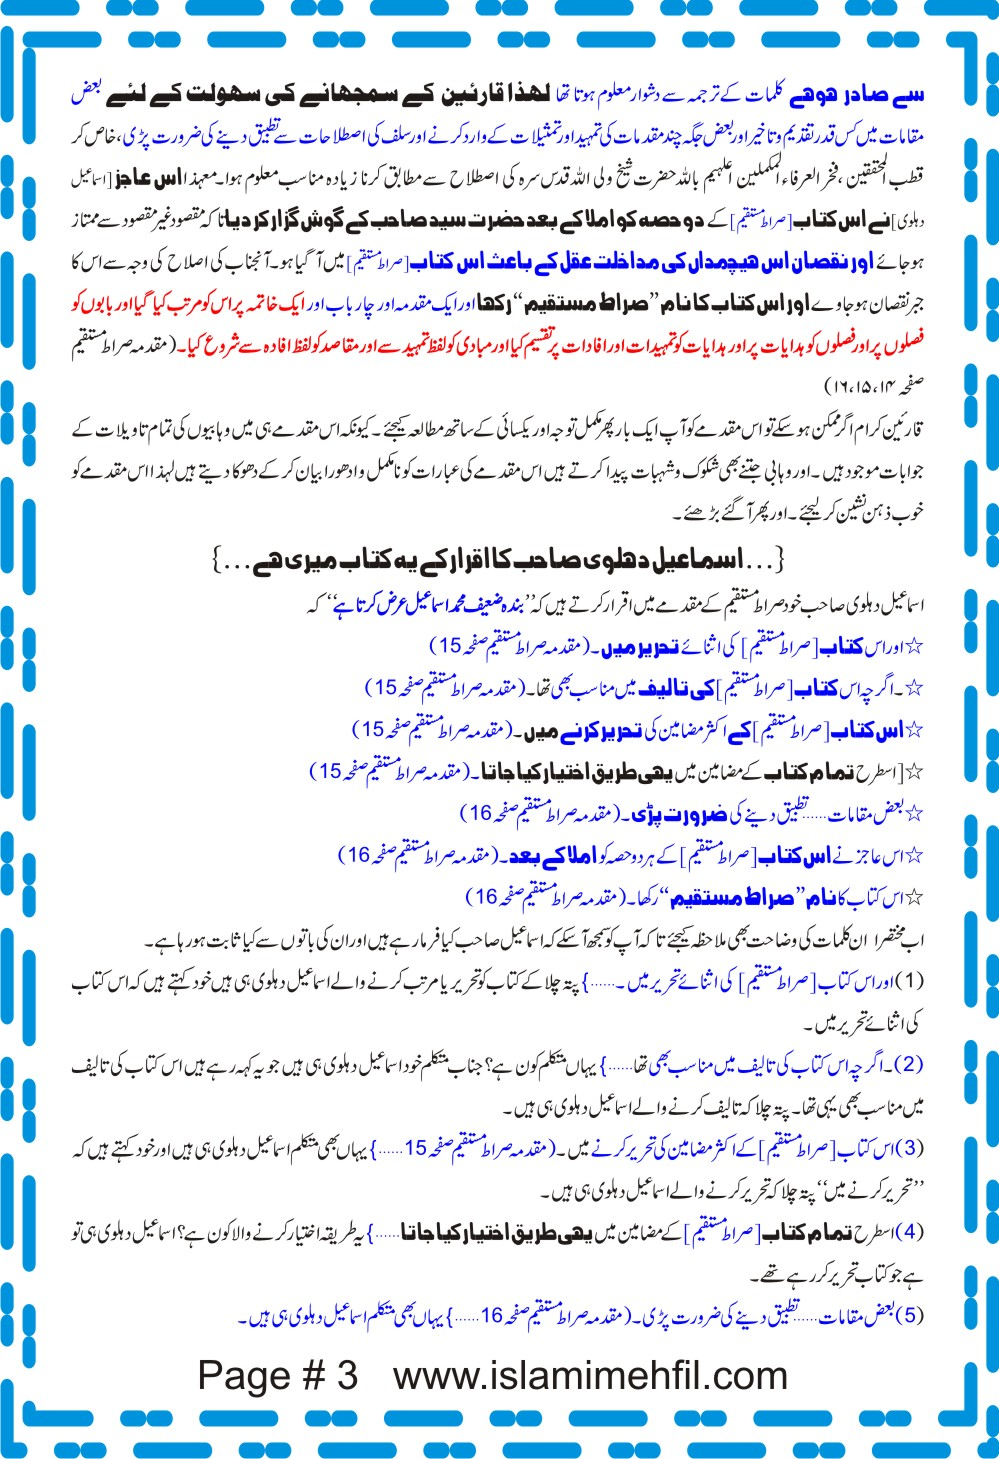 Siratul Mustaqeem (3).jpg